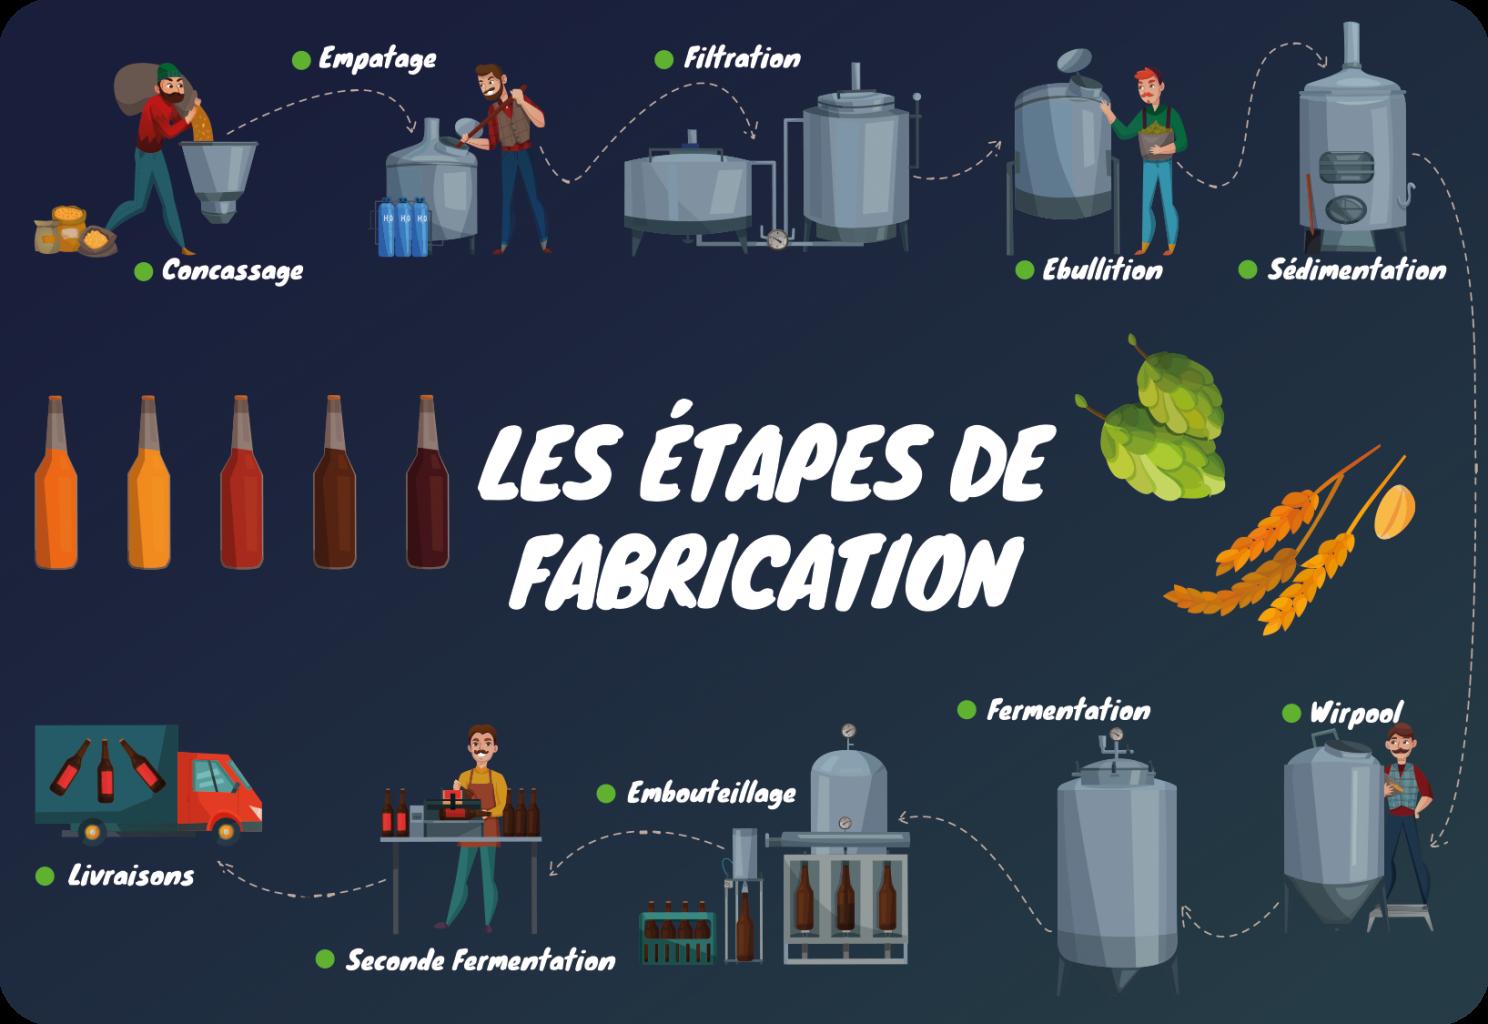 Les étapes de fabrication d'une bière Bap